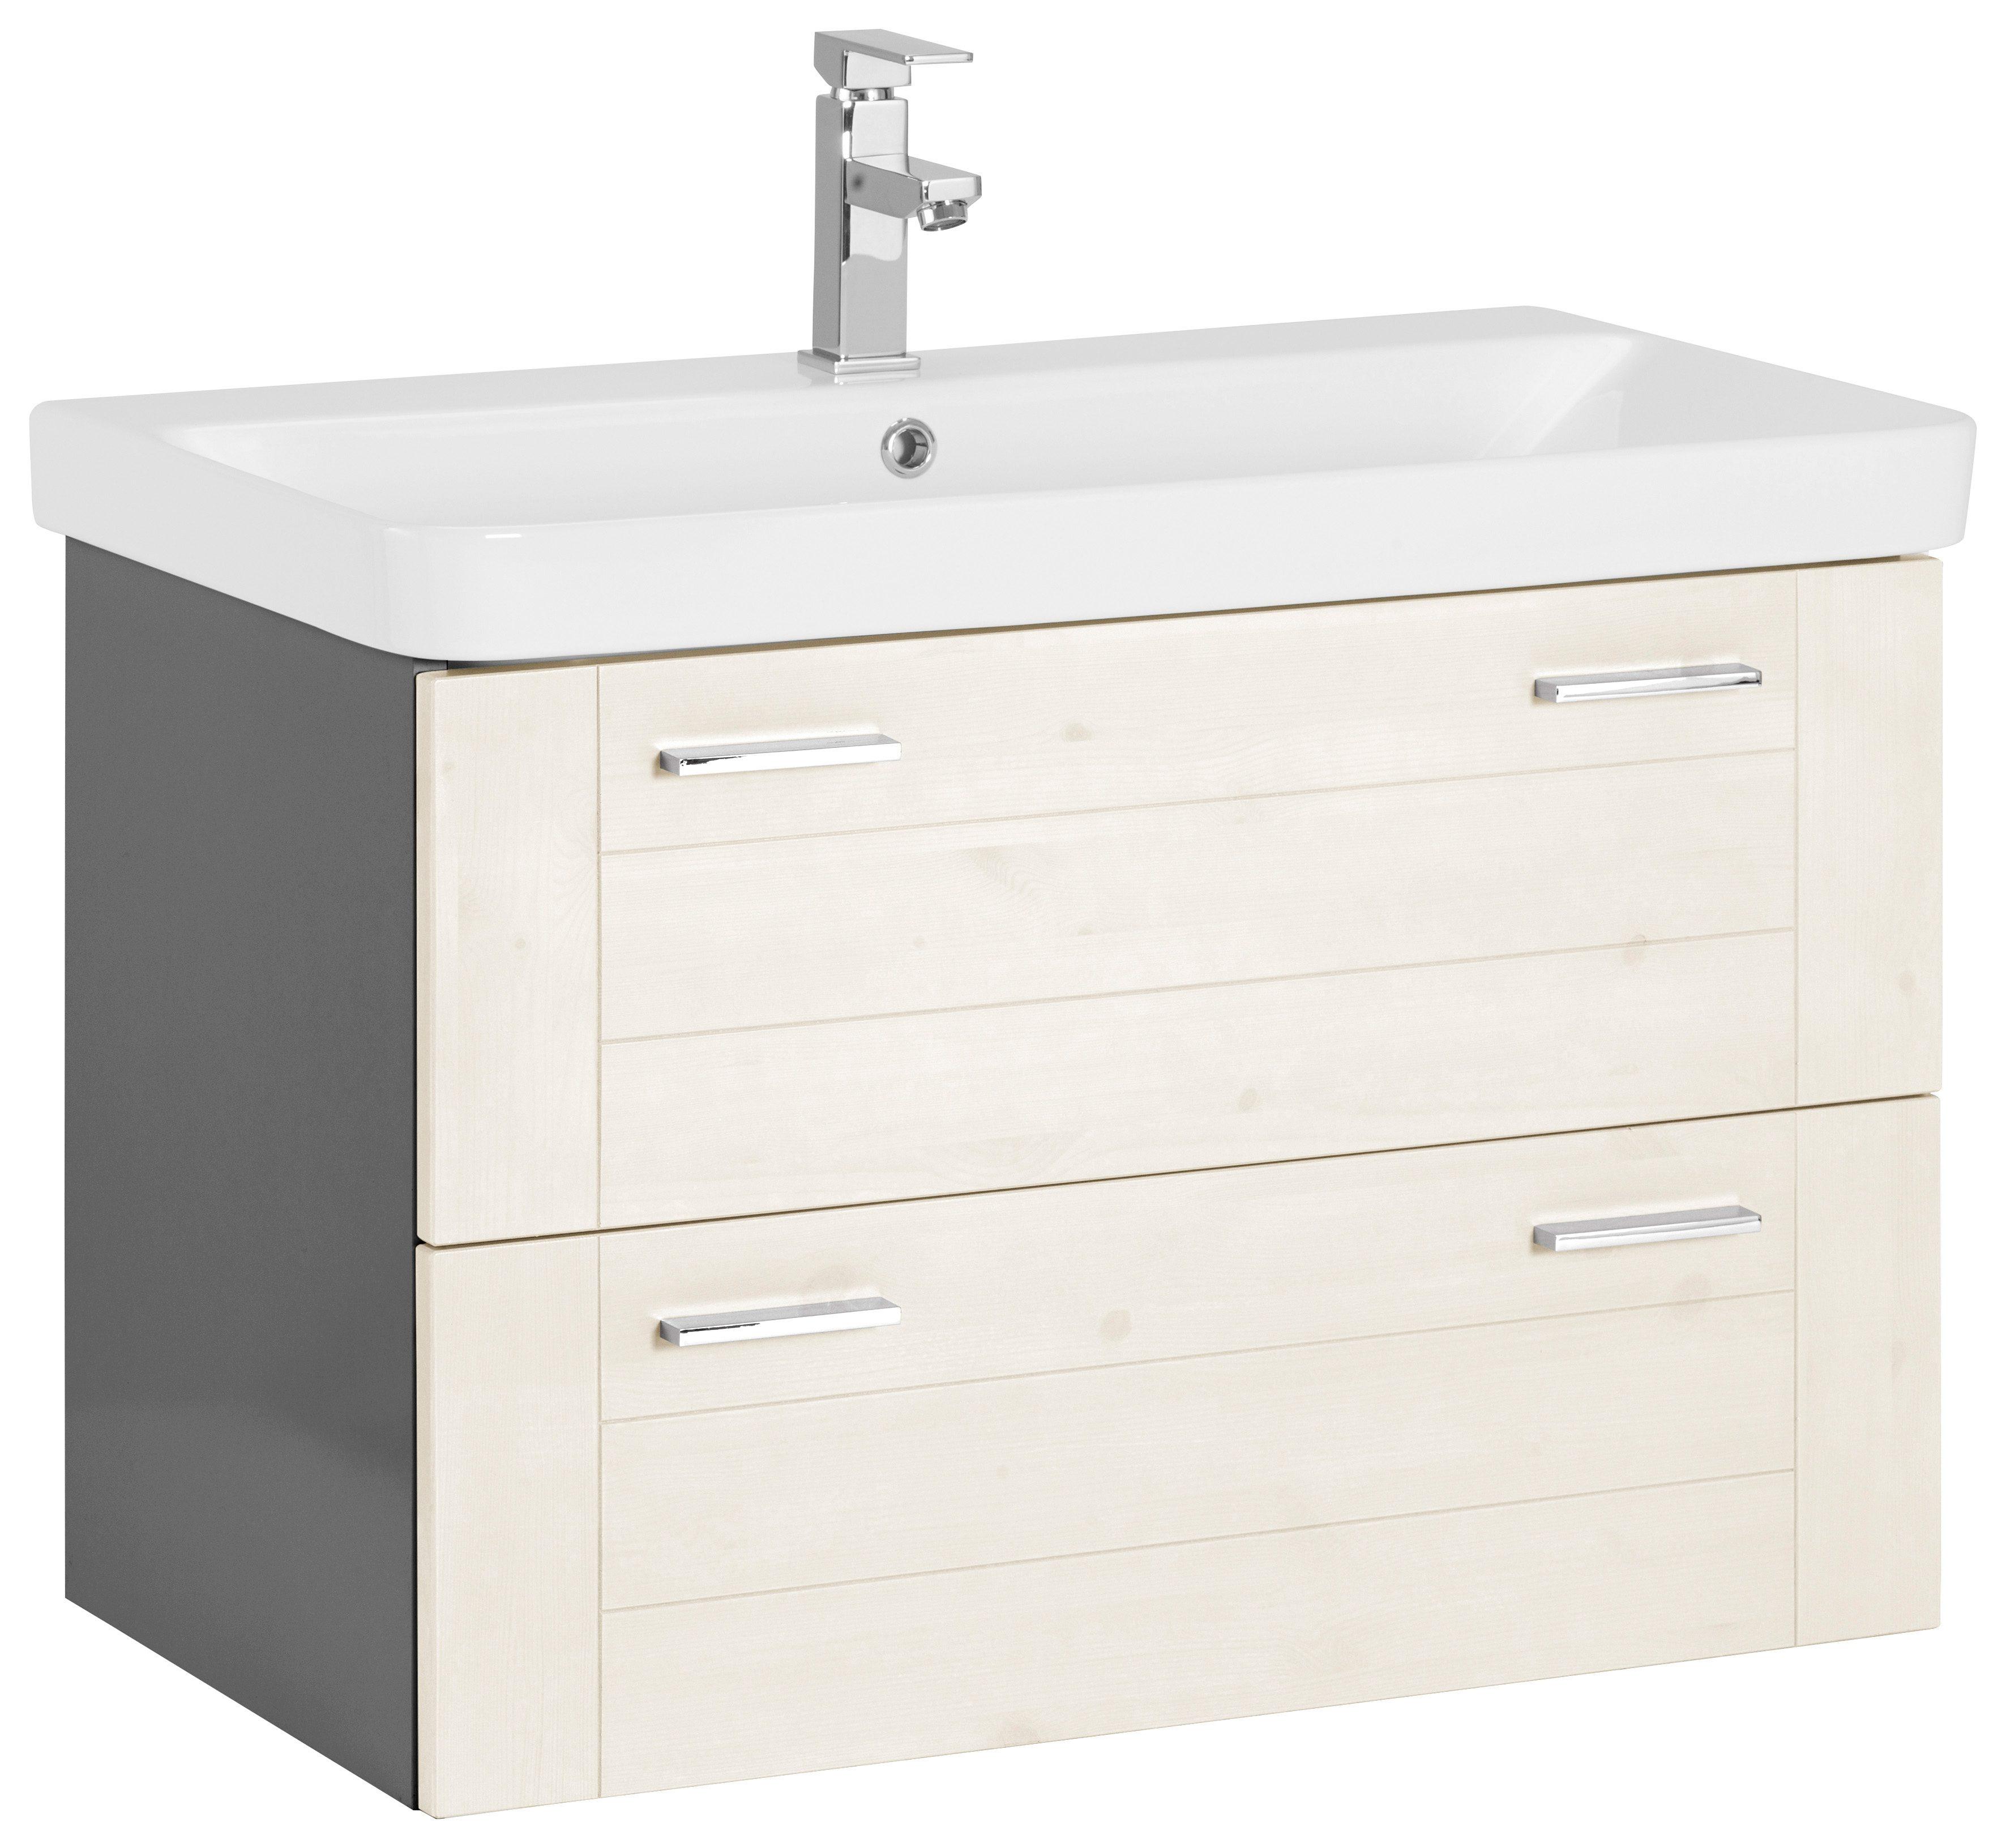 Fabulous Waschtisch online kaufen » Waschbecken mit Unterschrank   OTTO MO41